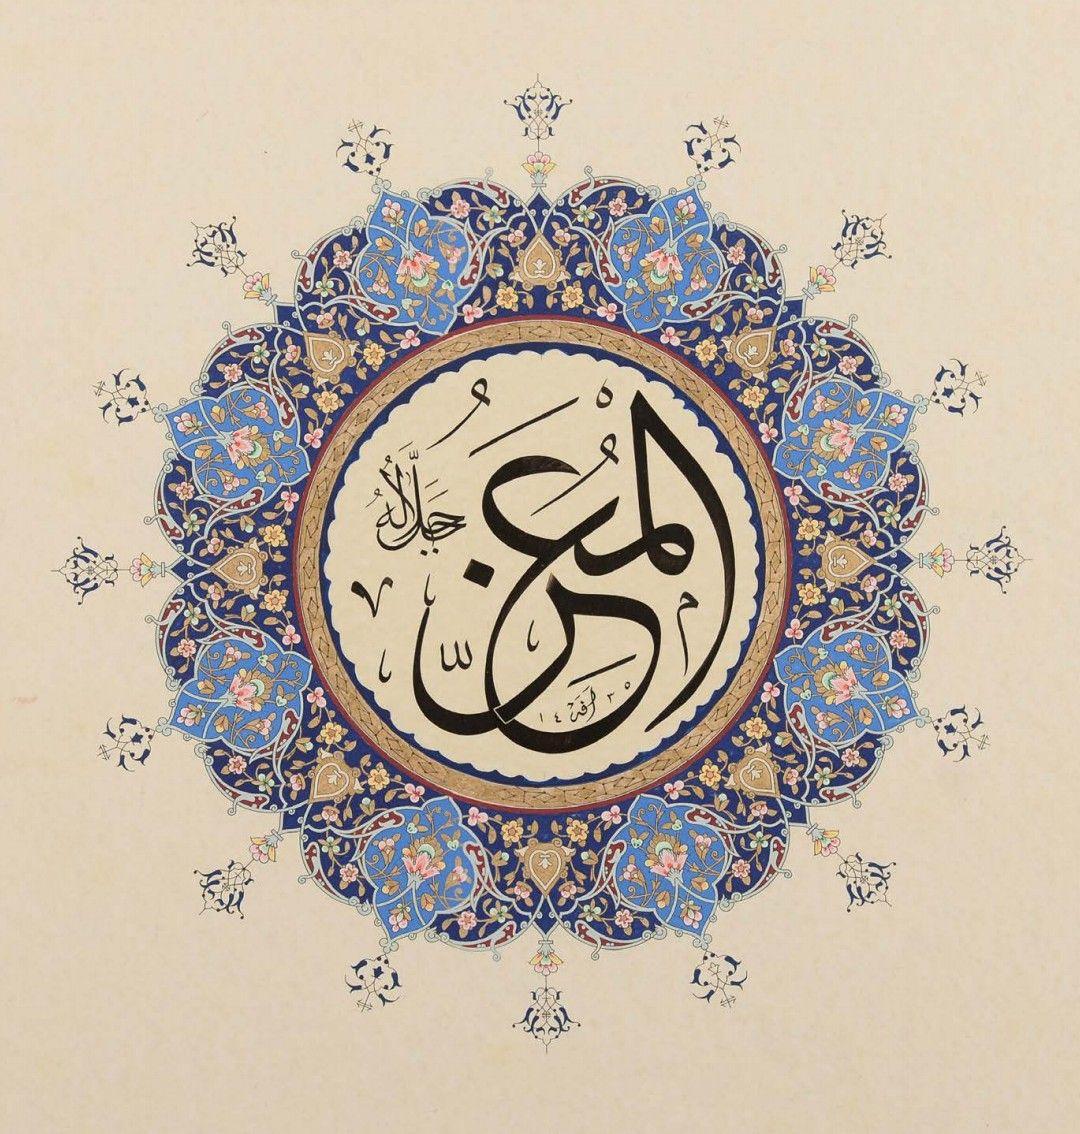 Mohamed Sheweta adlı kullanıcının Muslim panosundaki Pin